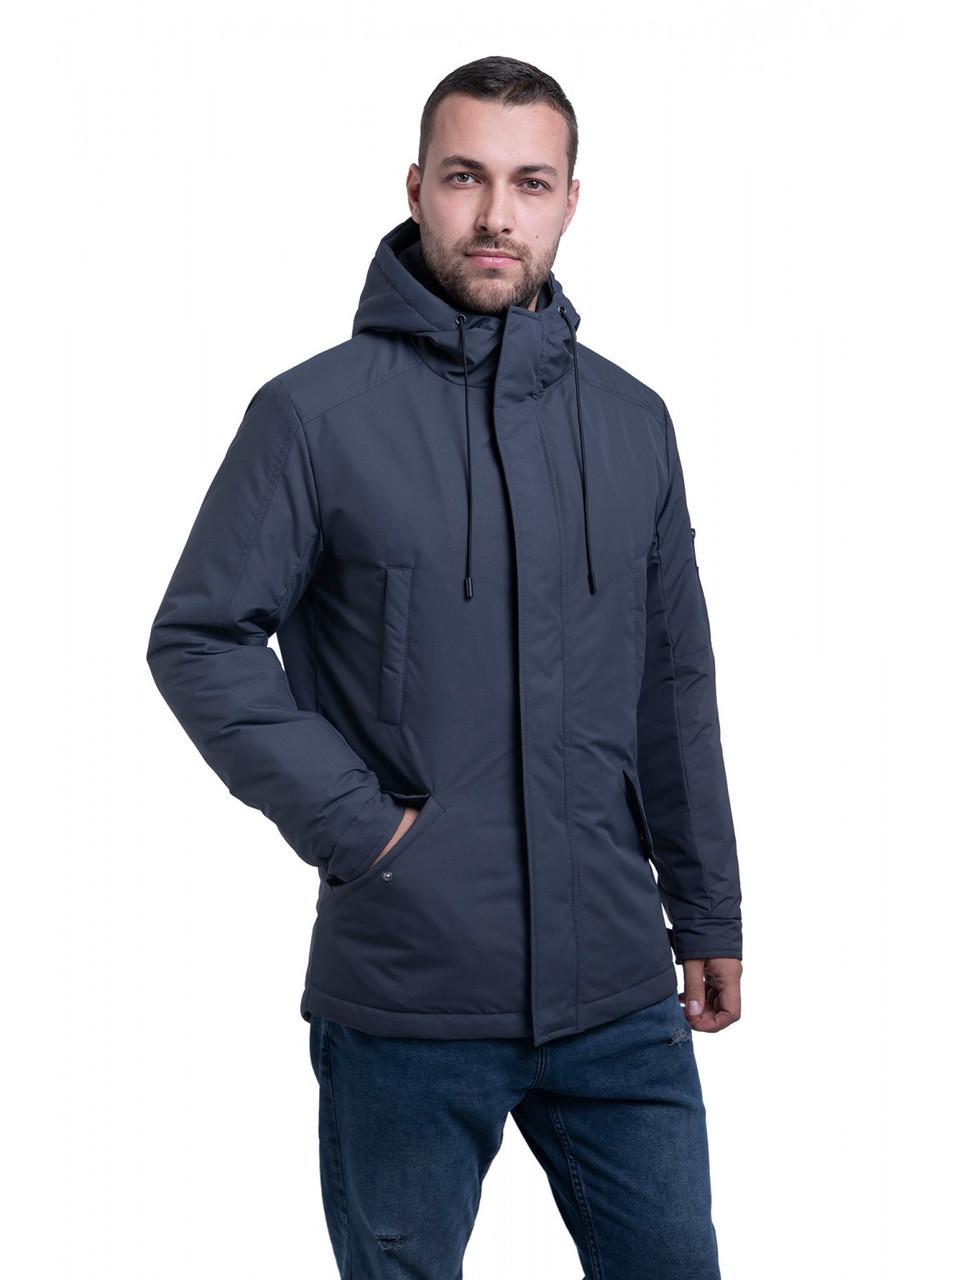 Мужская куртка ветровка Riccardo Сити Серый